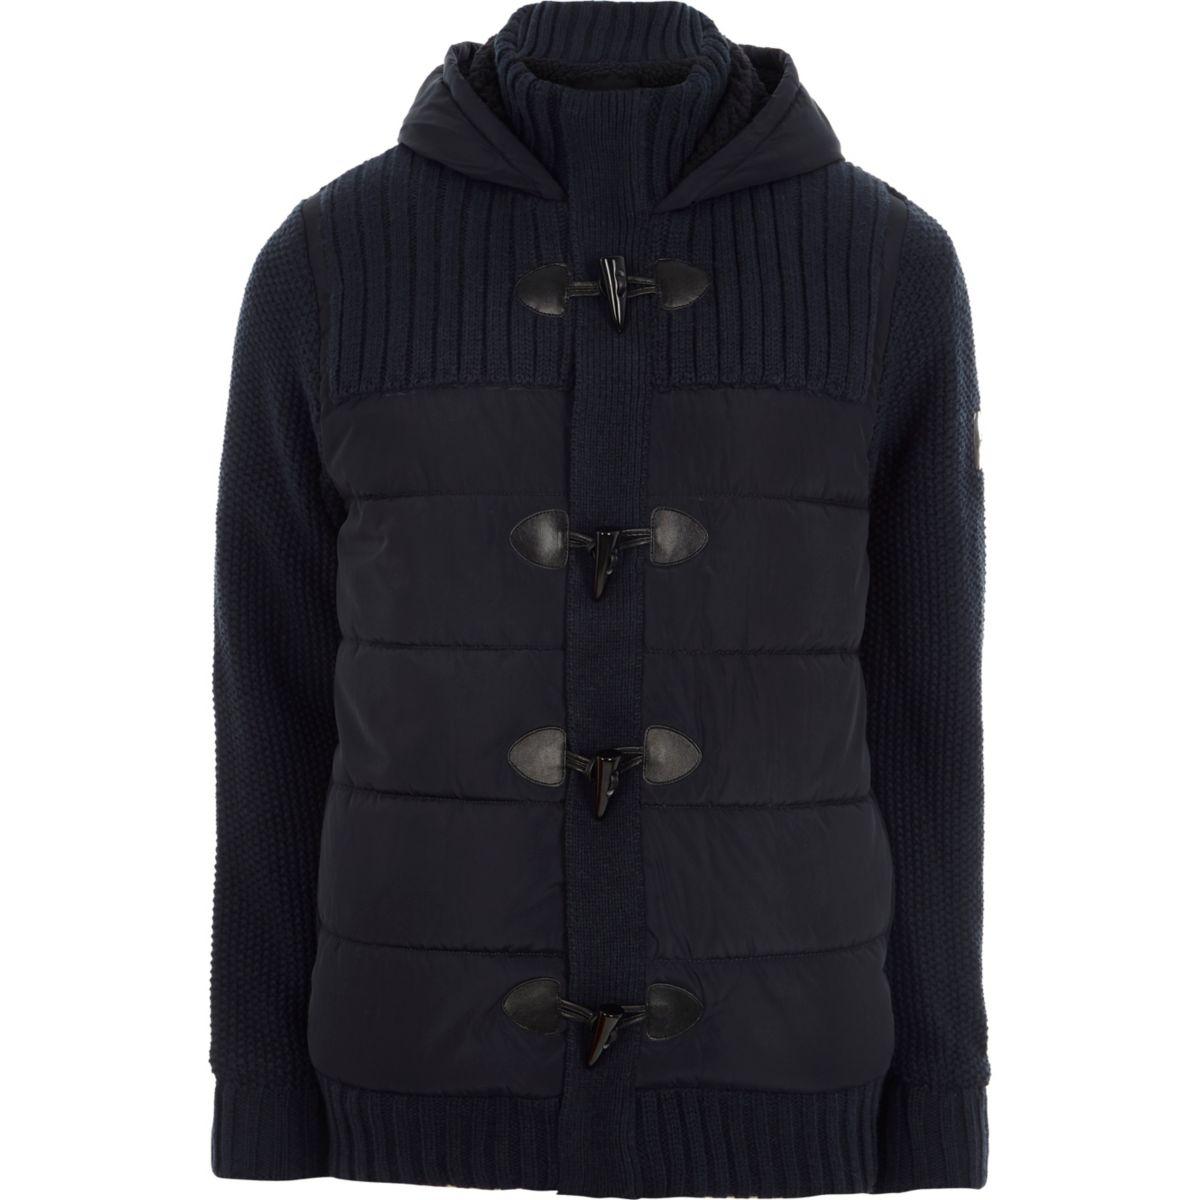 Navy padded rib knit hooded duffle jacket